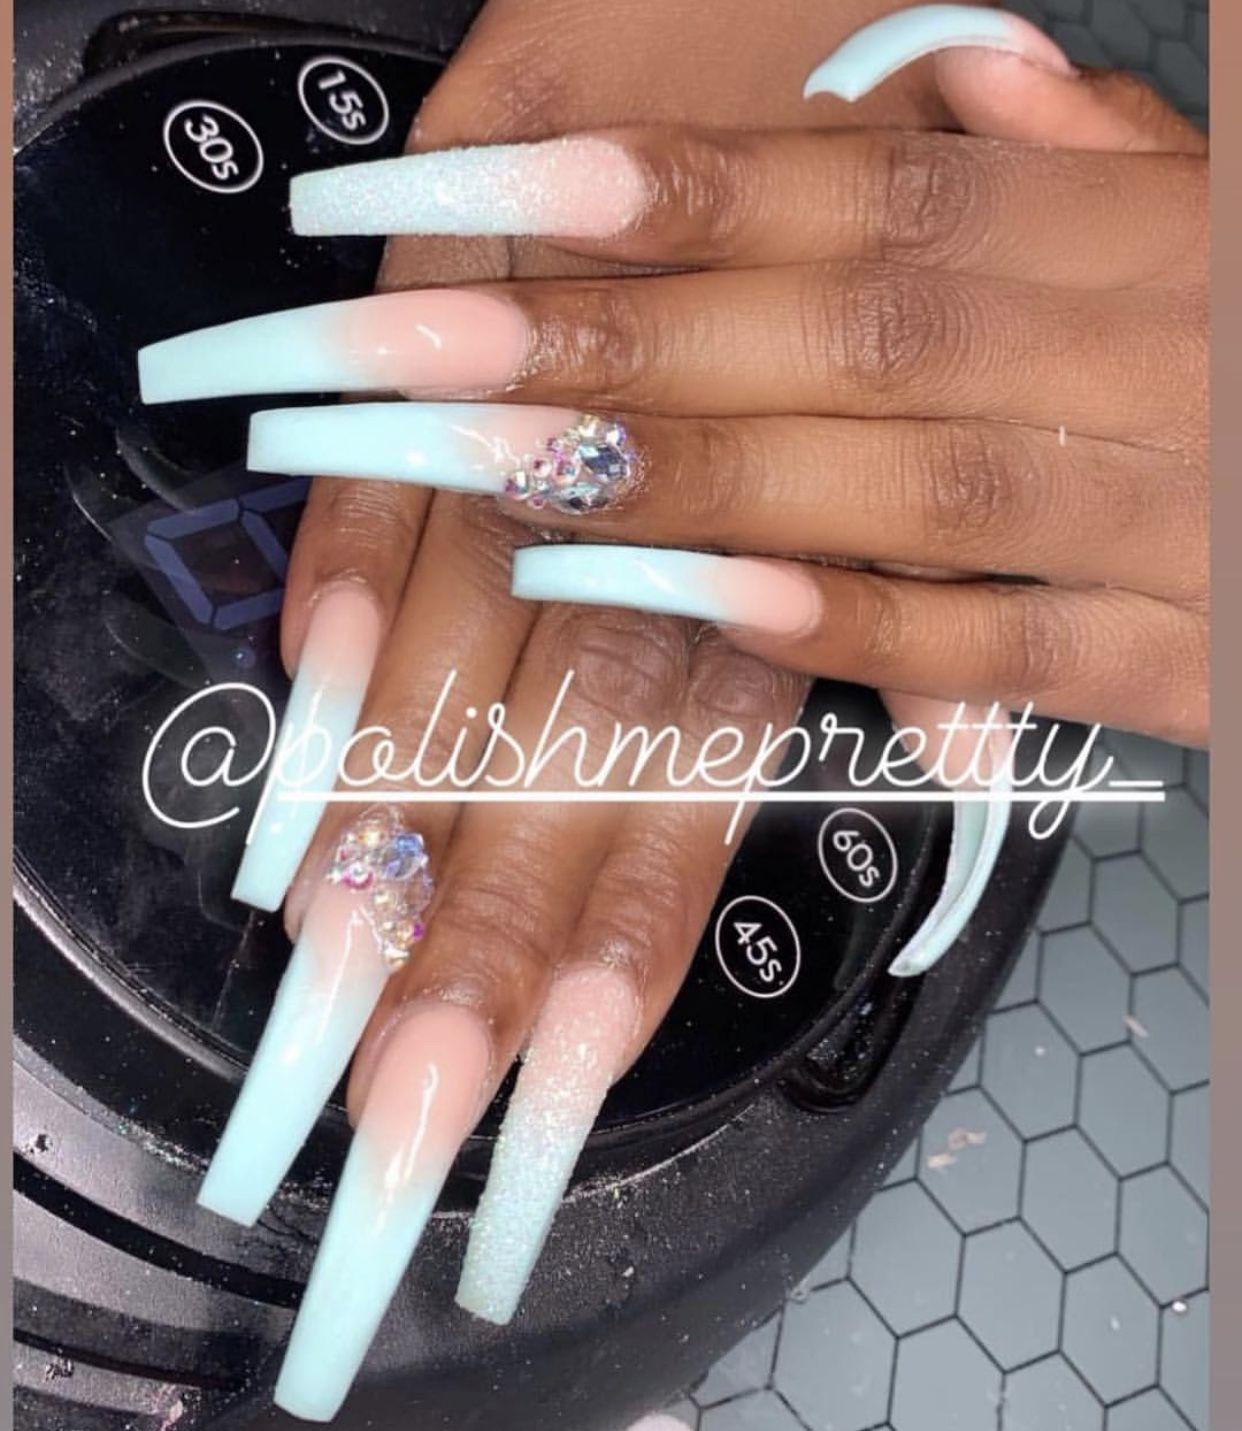 Miilknhoney With Images Long Acrylic Nails Makeup Nails Long Nail Designs